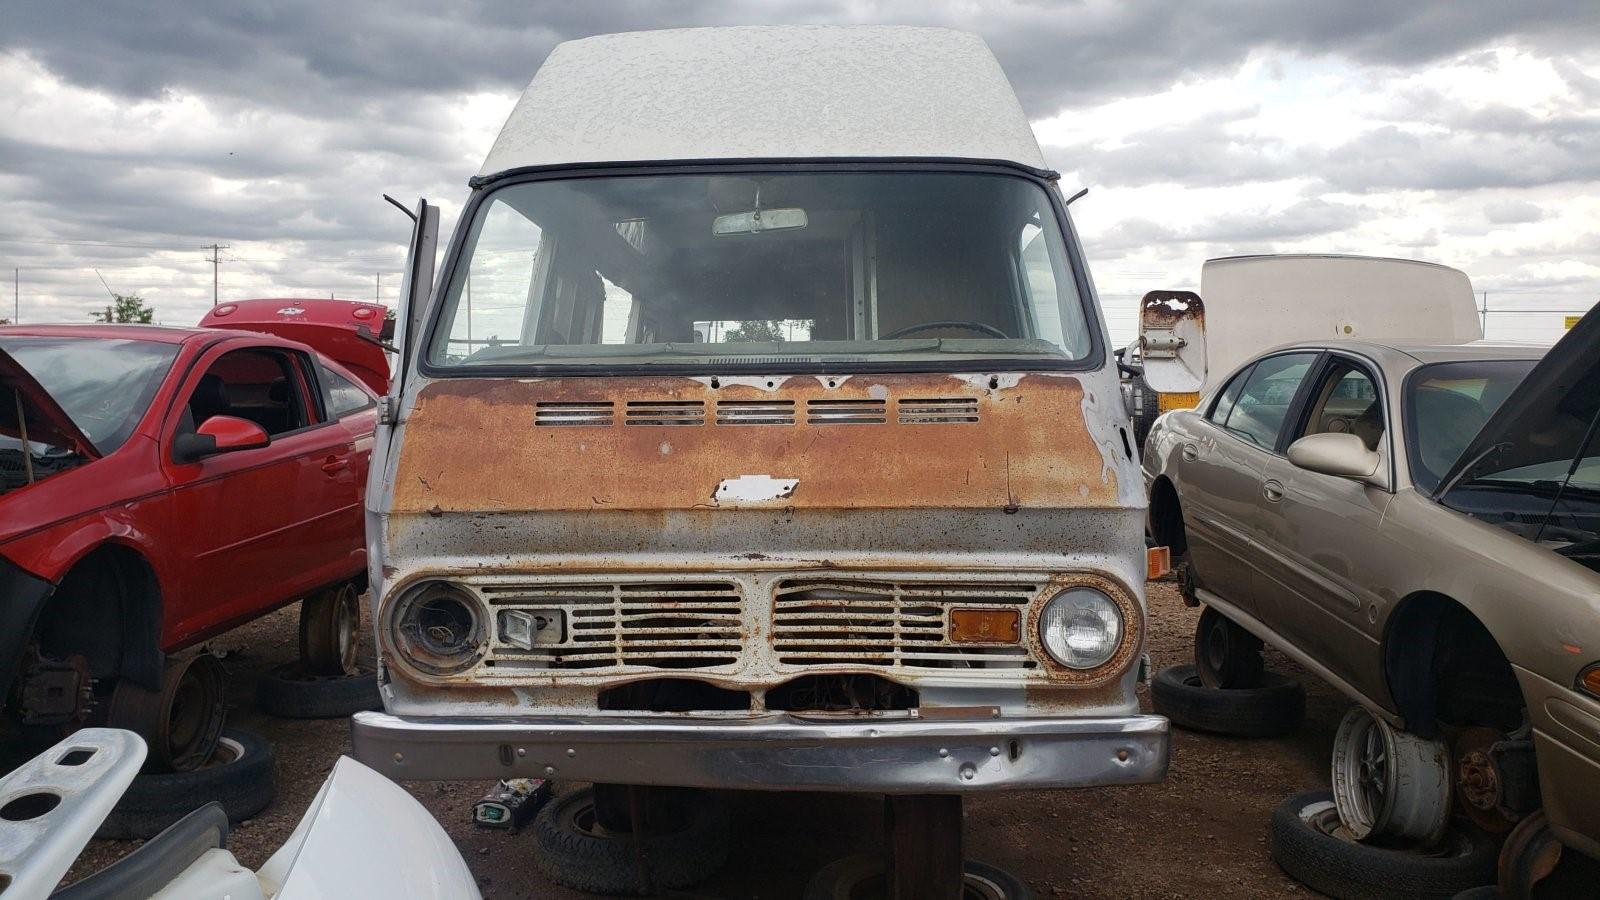 垃圾场宝石:1969雪佛兰ChevyVan 108 Camper